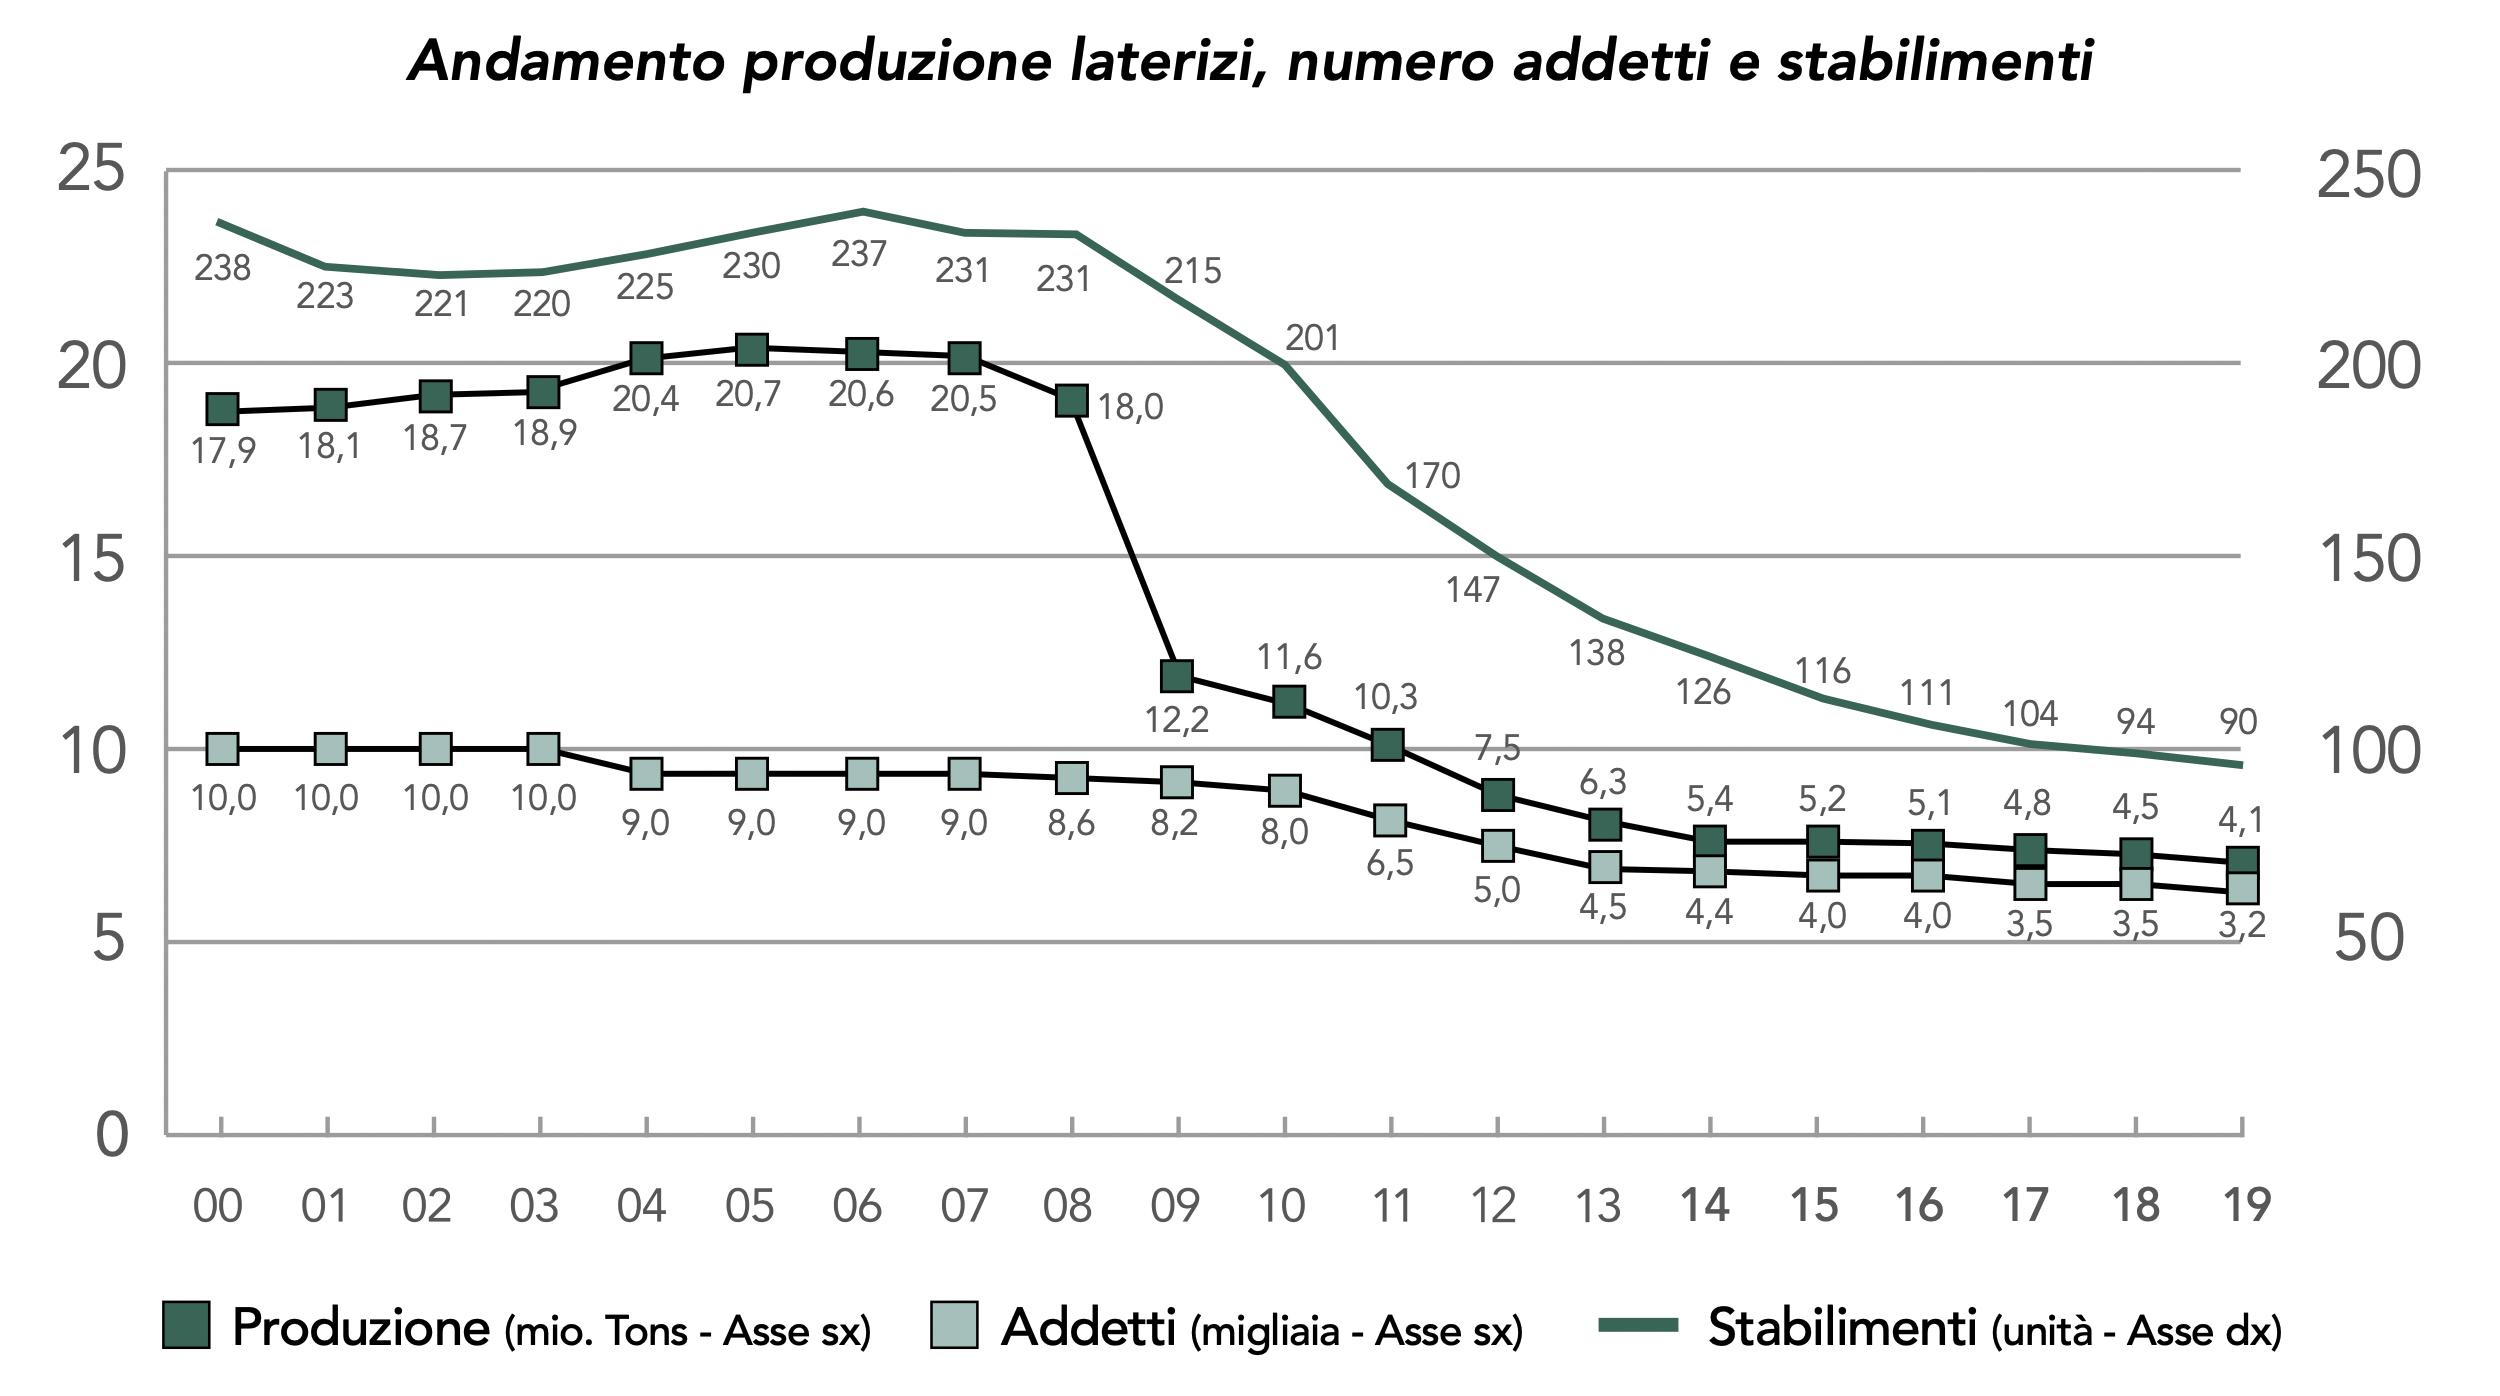 Andamento-produzione-laterizi-numero-addetti-stabilimenti-ANDIL